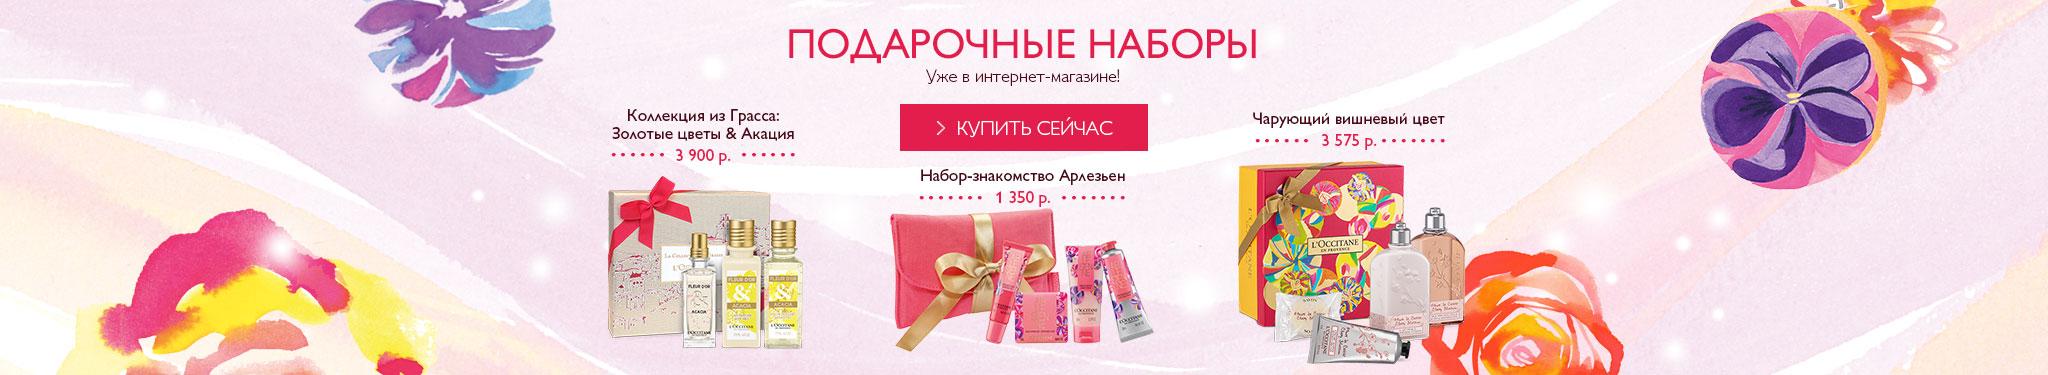 Подарочные наборы уже в интернет-магазине! Купить сейчас!